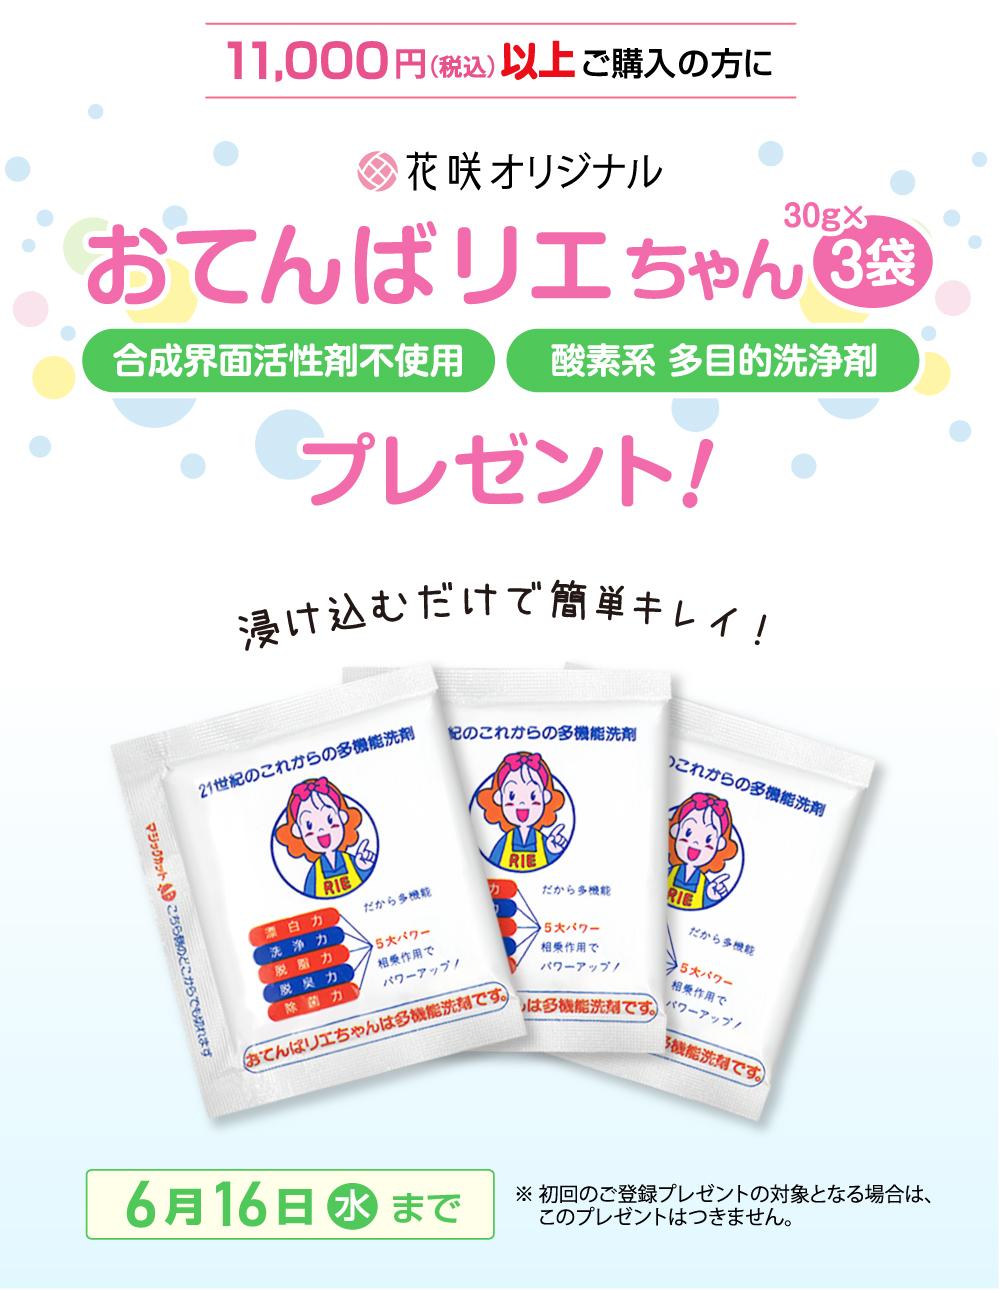 11,000円(税込)以上ご購入の方に「花咲オリジナル おてんばリエちゃん3袋」プレゼント!